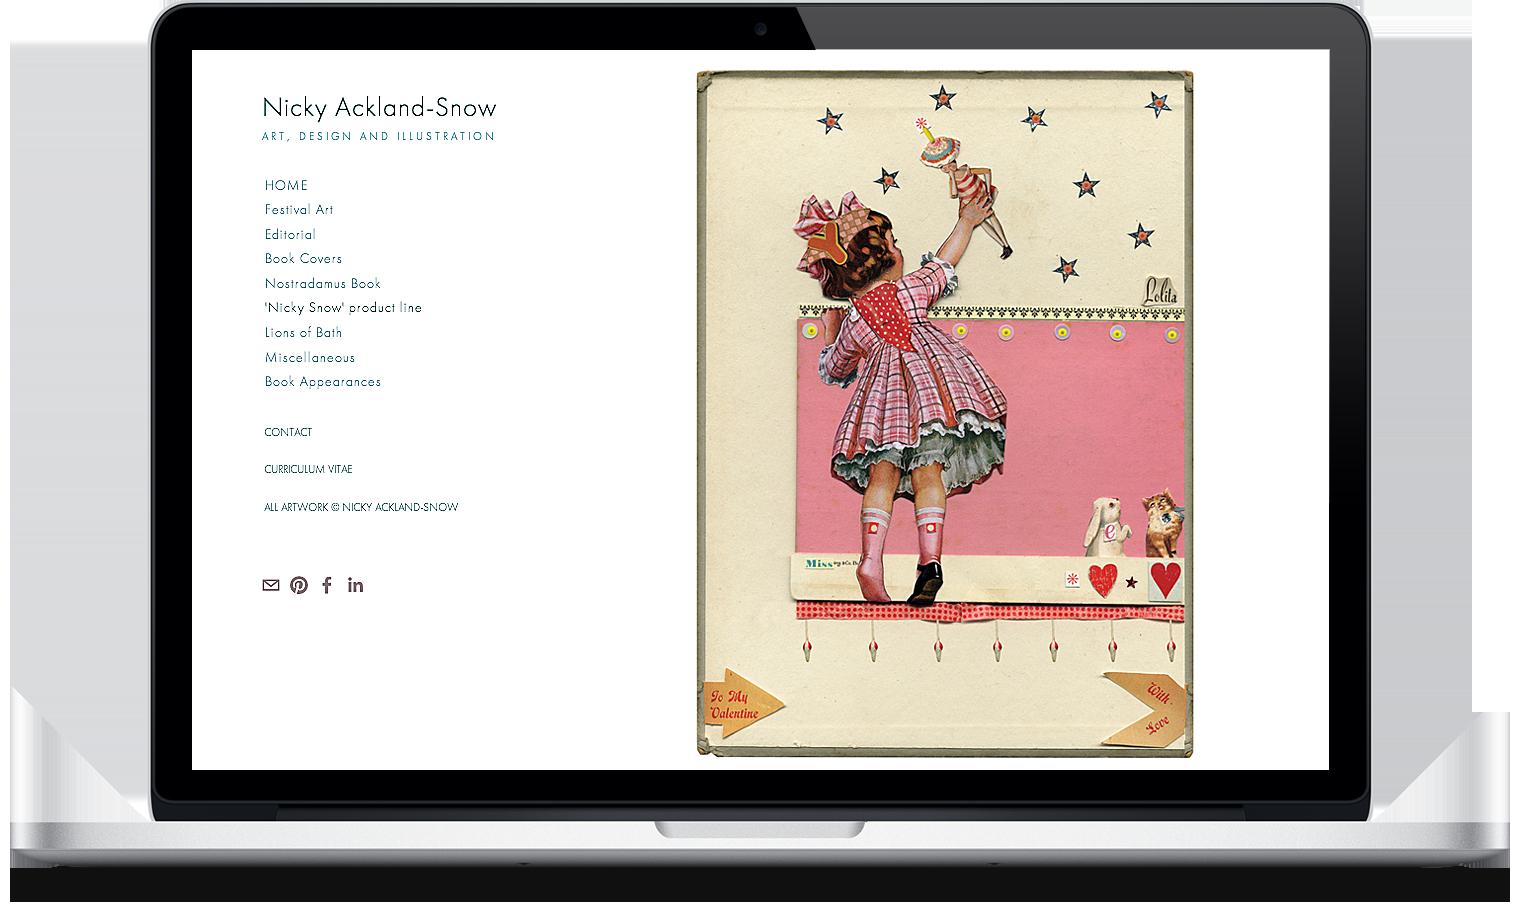 website-design-services-bath-commercial-art-2.png